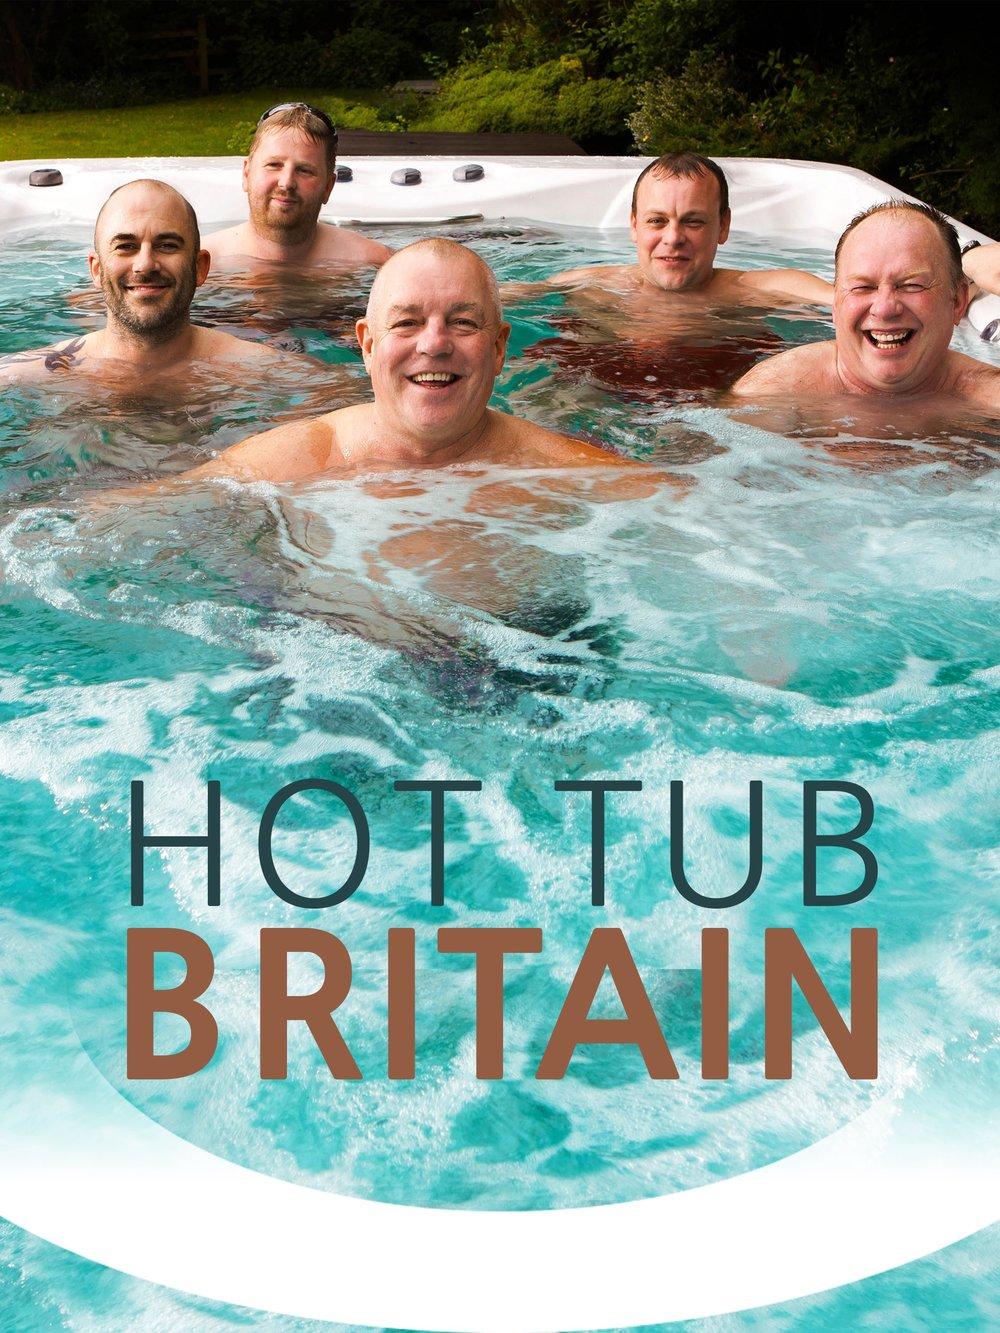 Hot_Tub_Britain.jpg